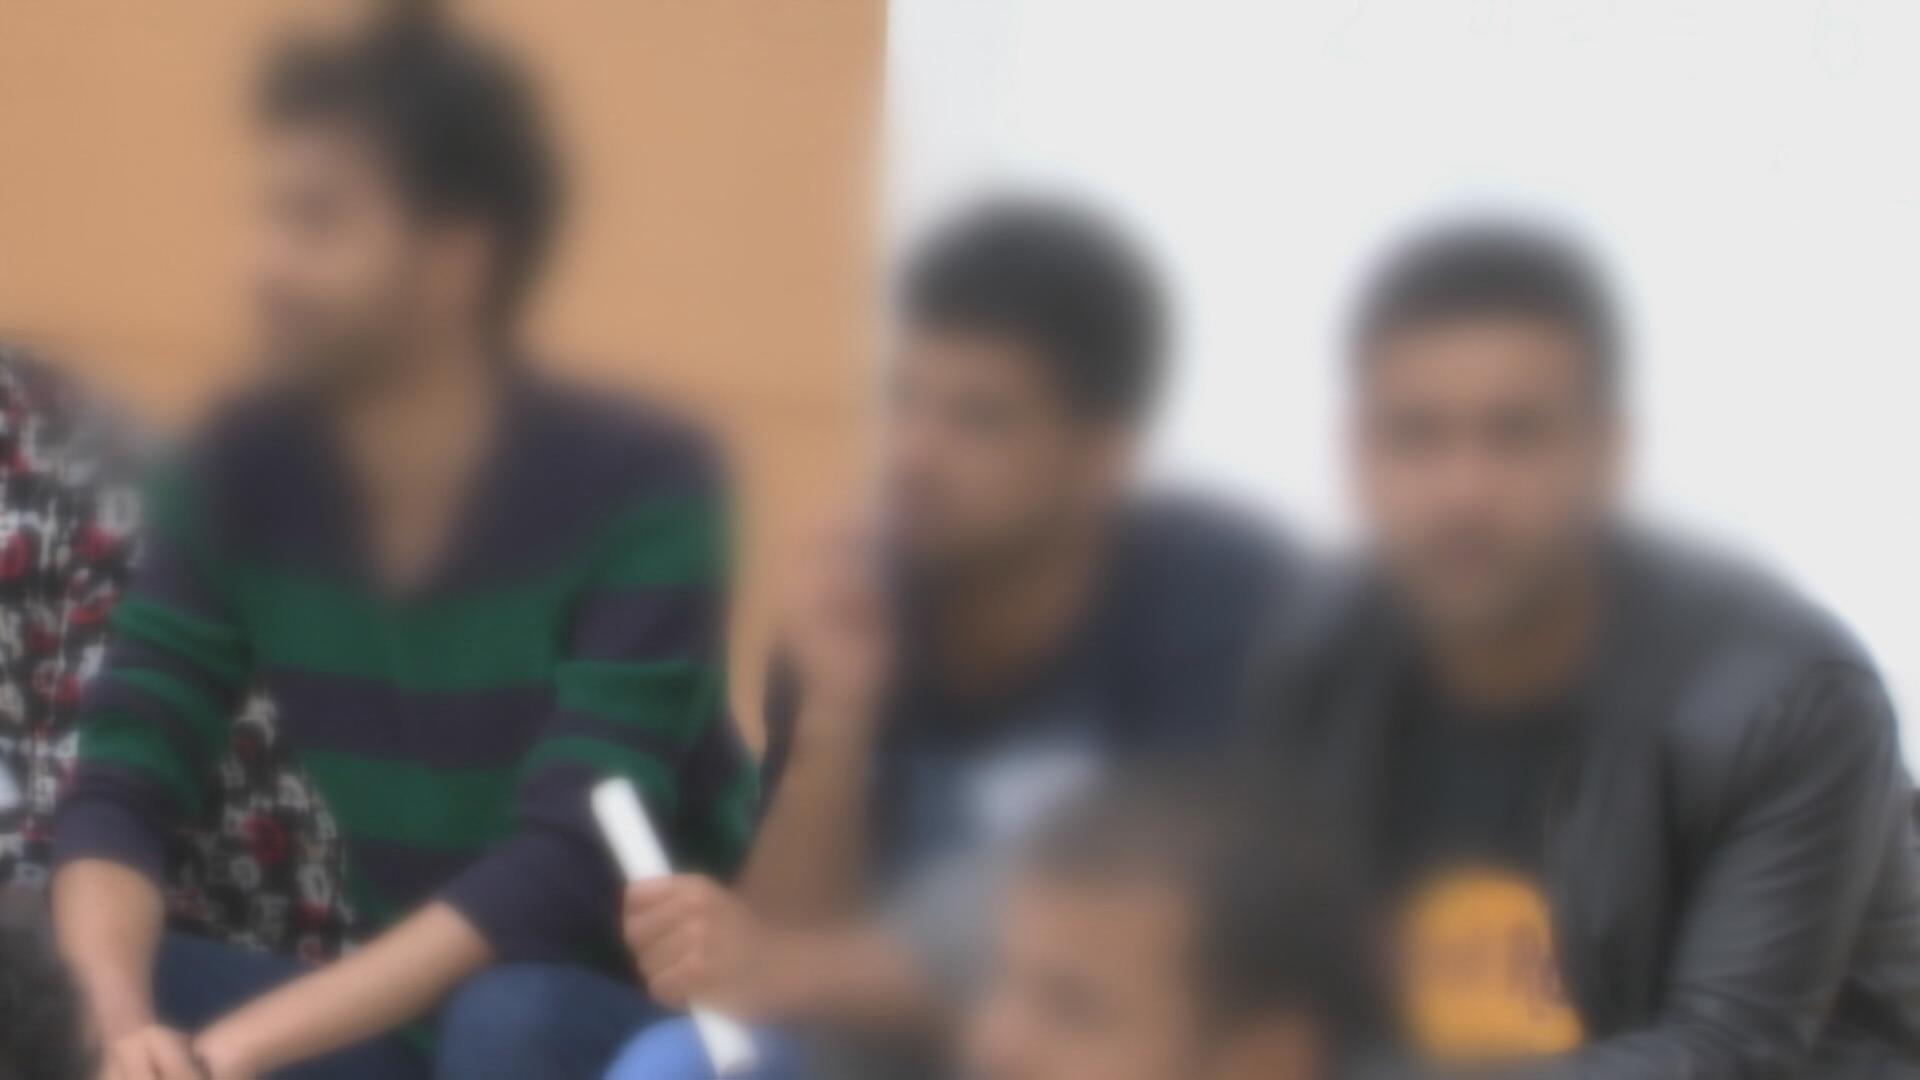 외국인 건강보험 의무 가입에 유학생·난민 경제적 부담